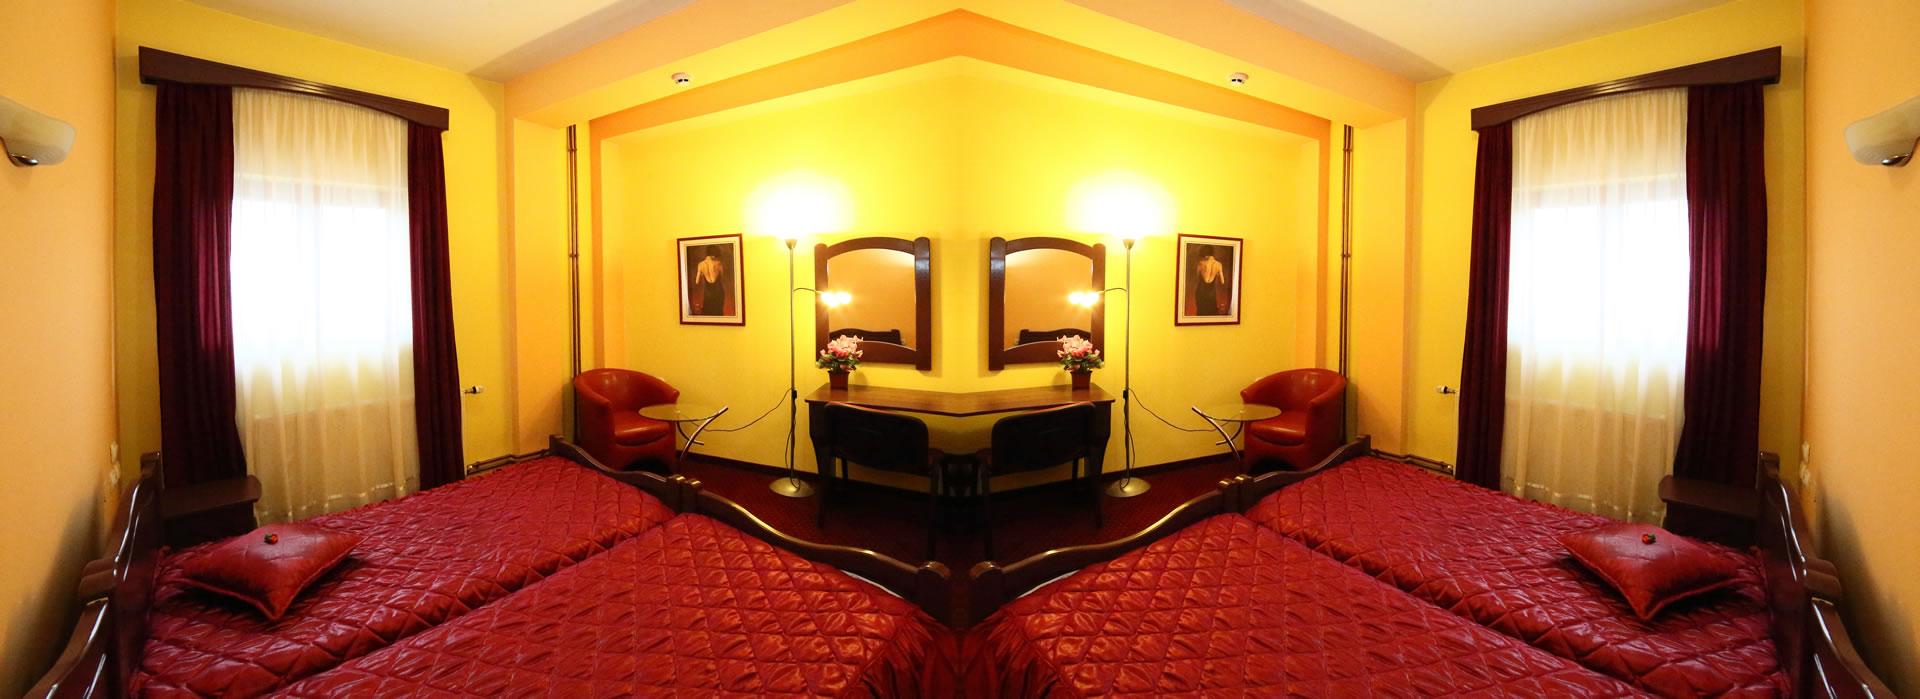 Dvokrevetna soba - Vila tamaris